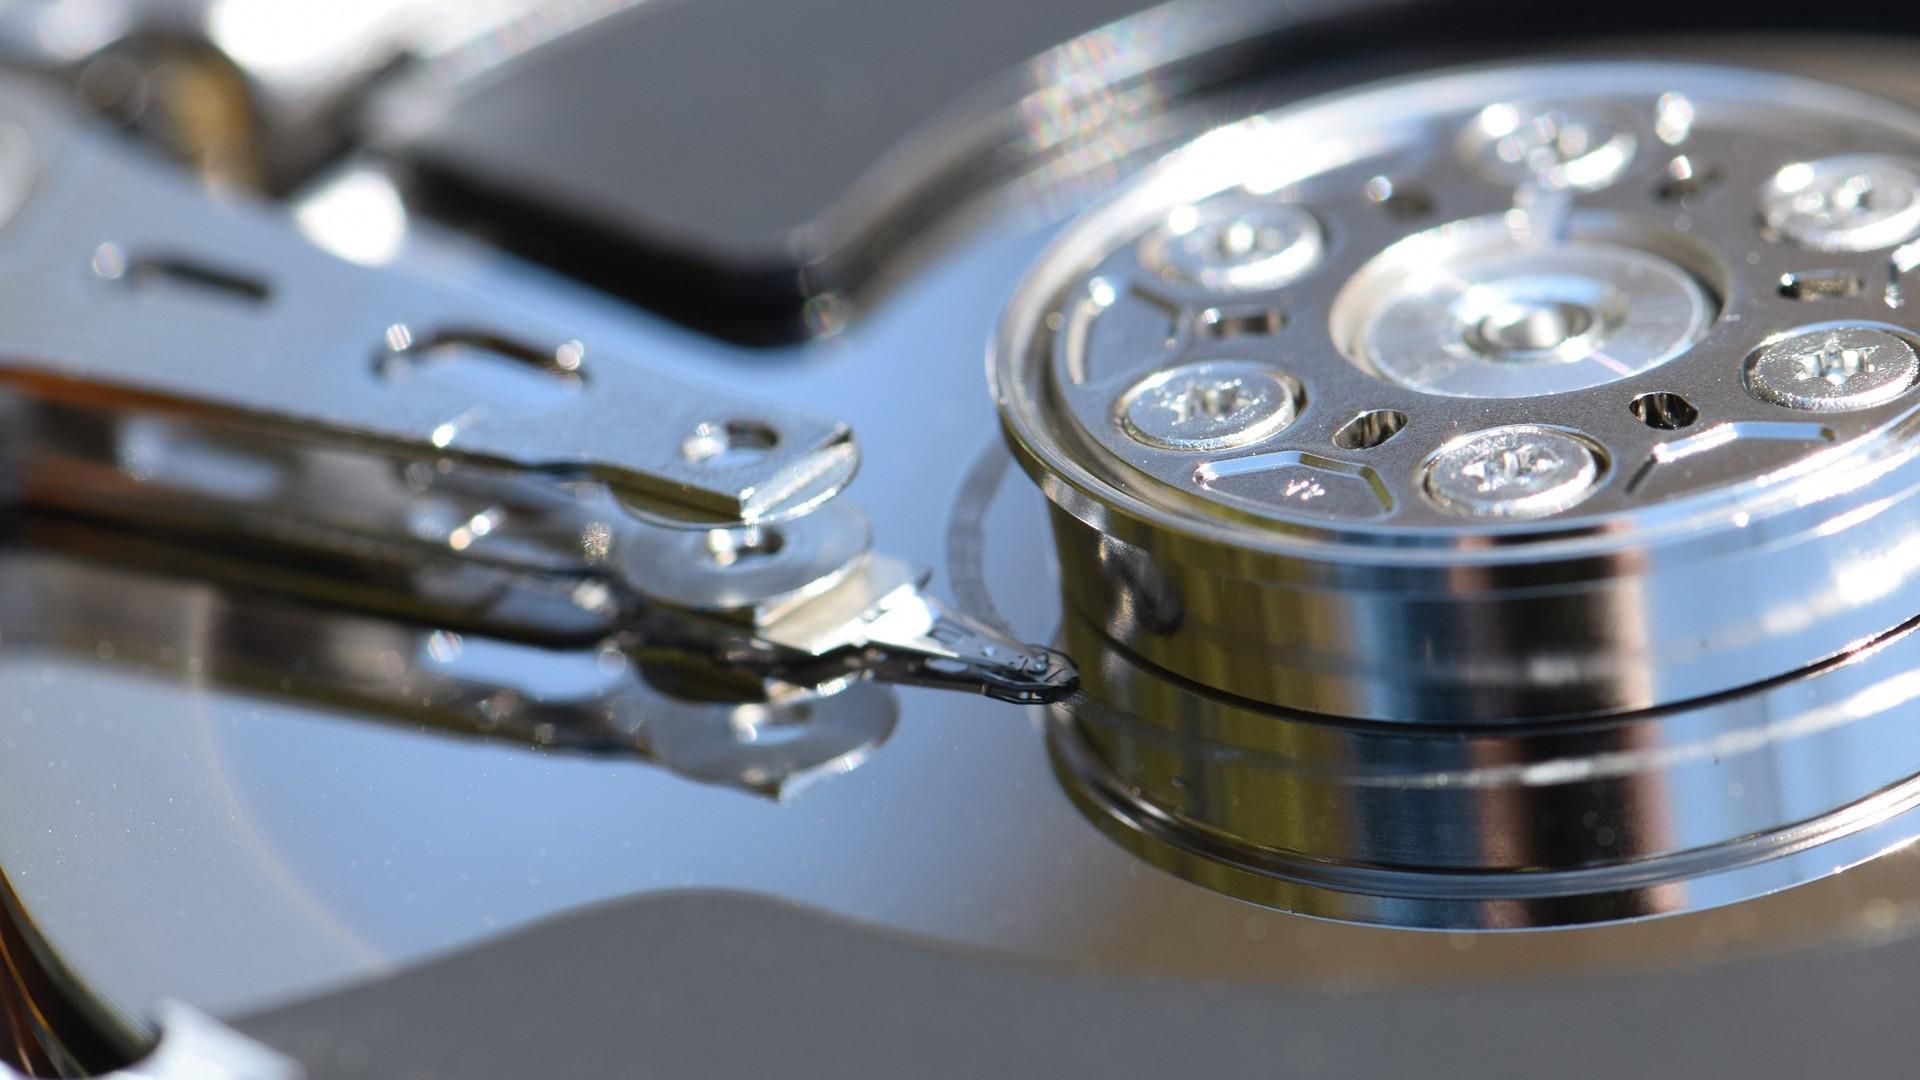 hard-drive-1348507_1920-1